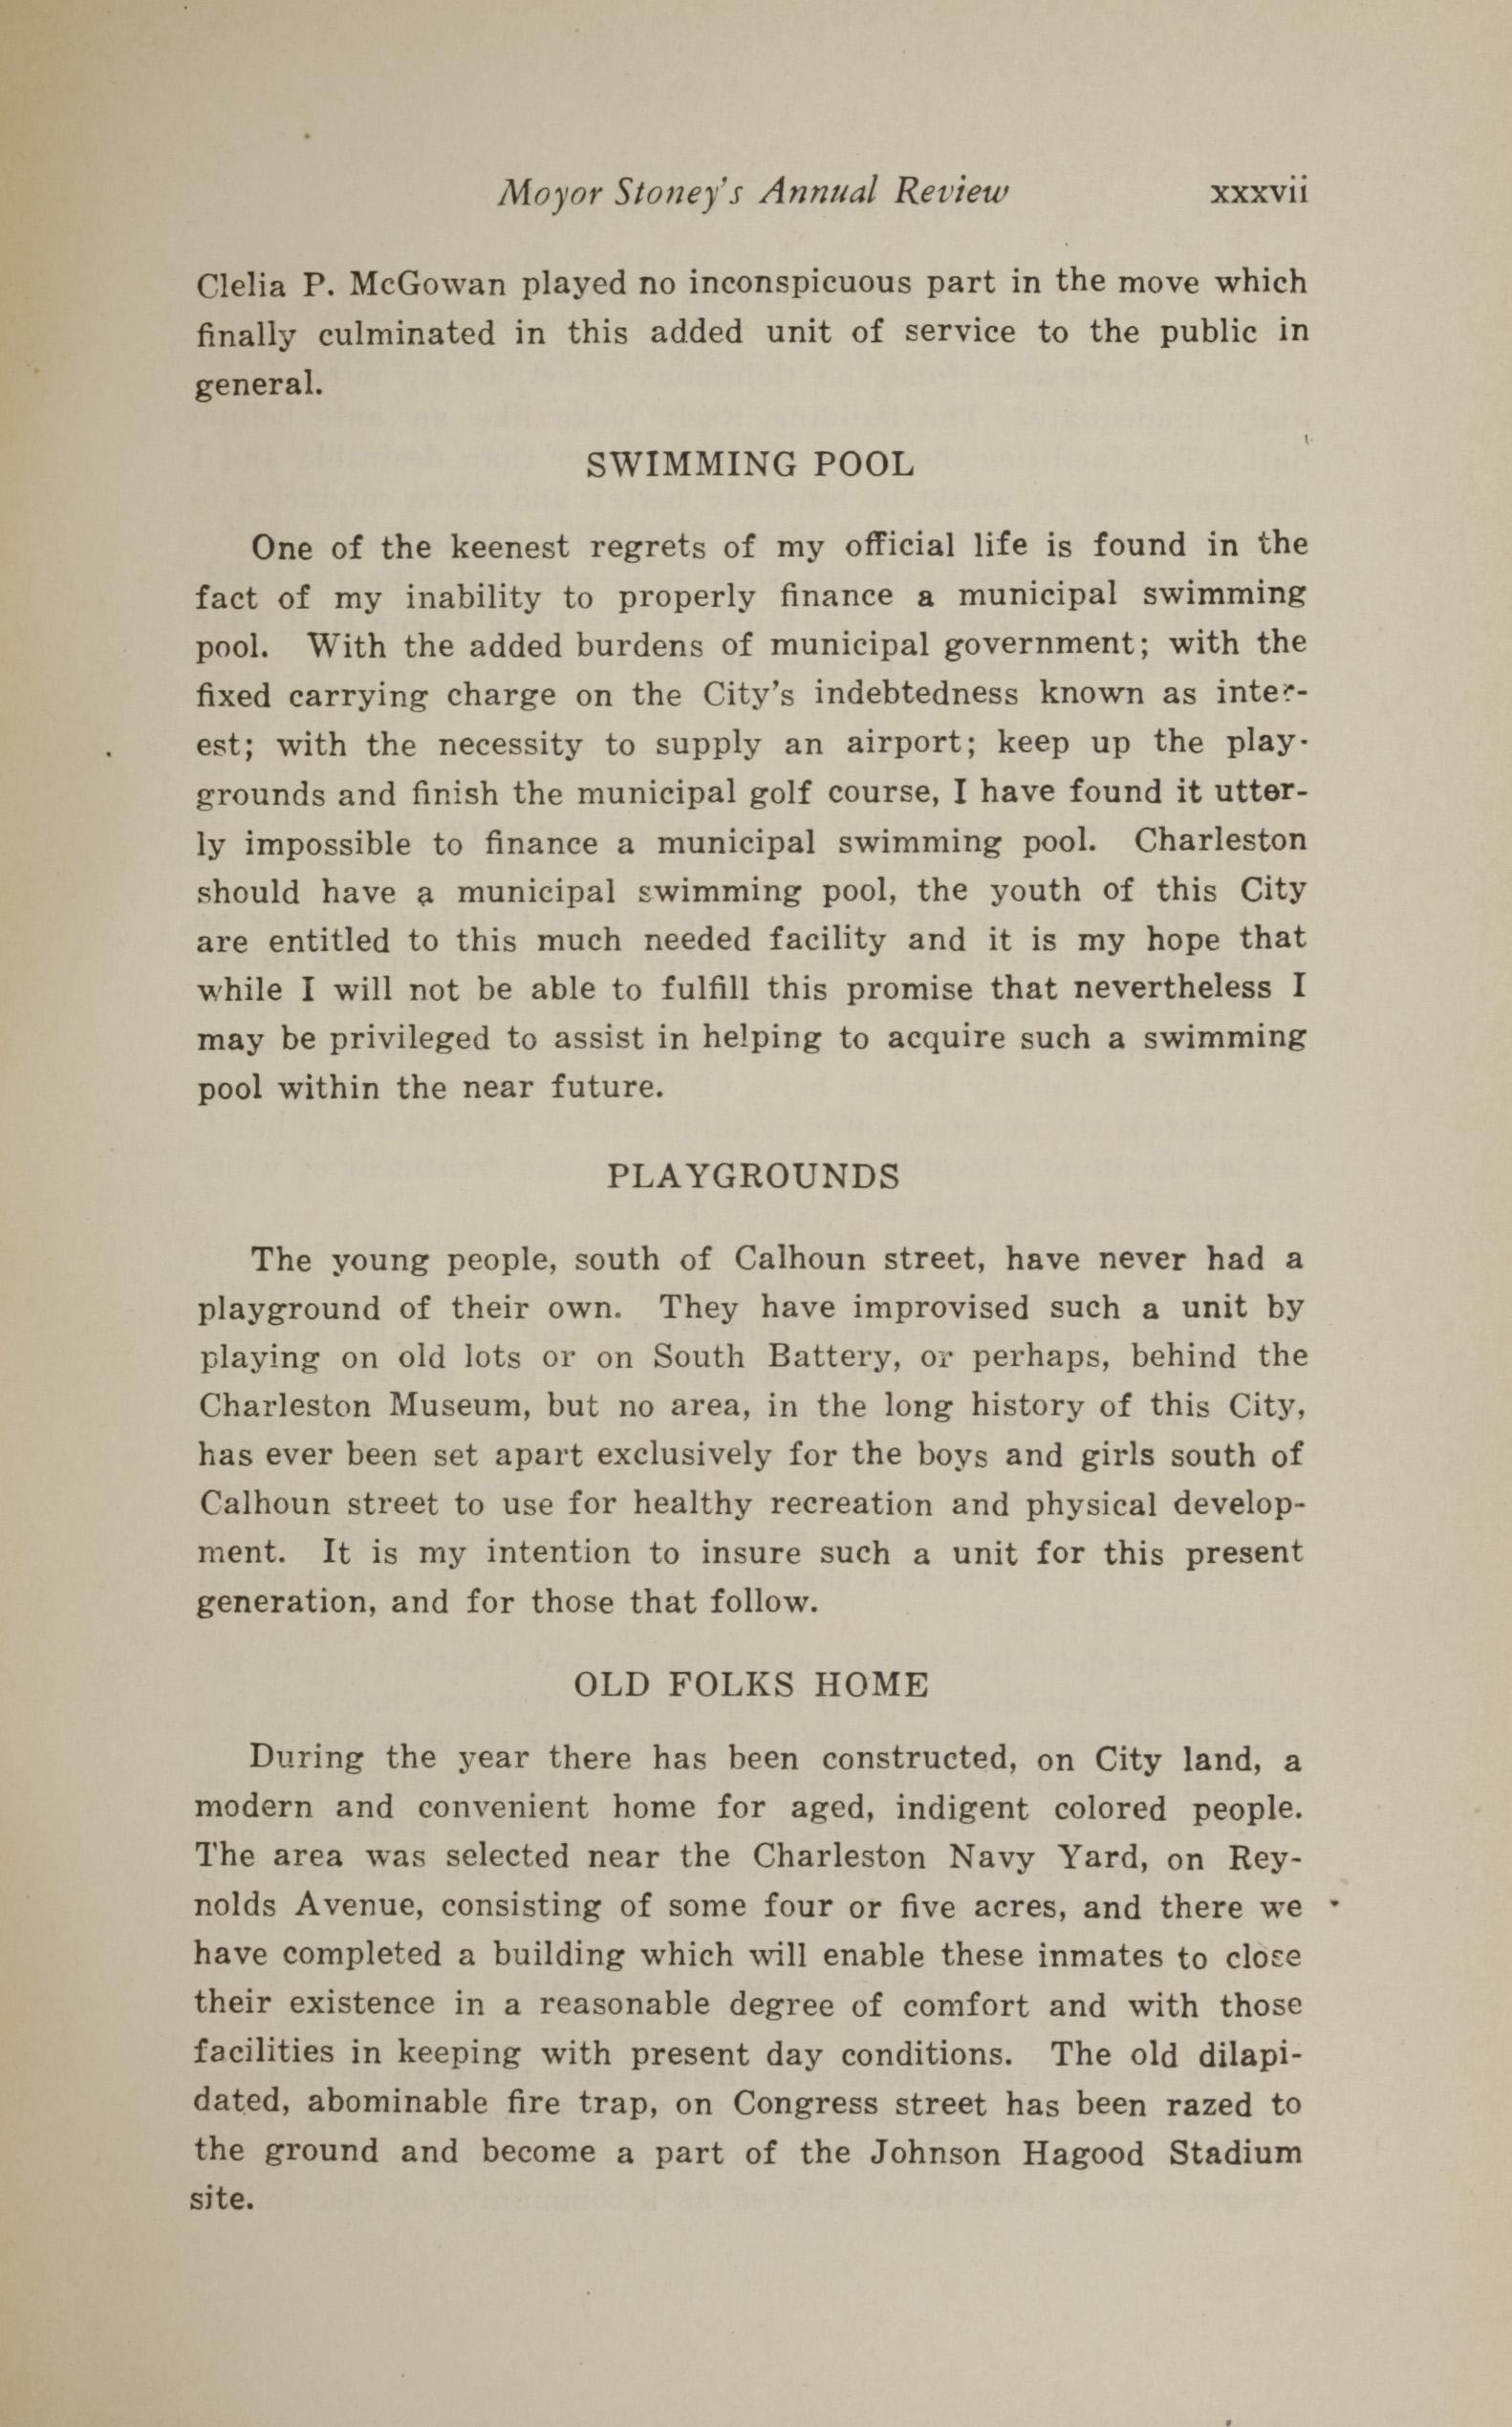 Charleston Yearbook, 1930, page xxxvii